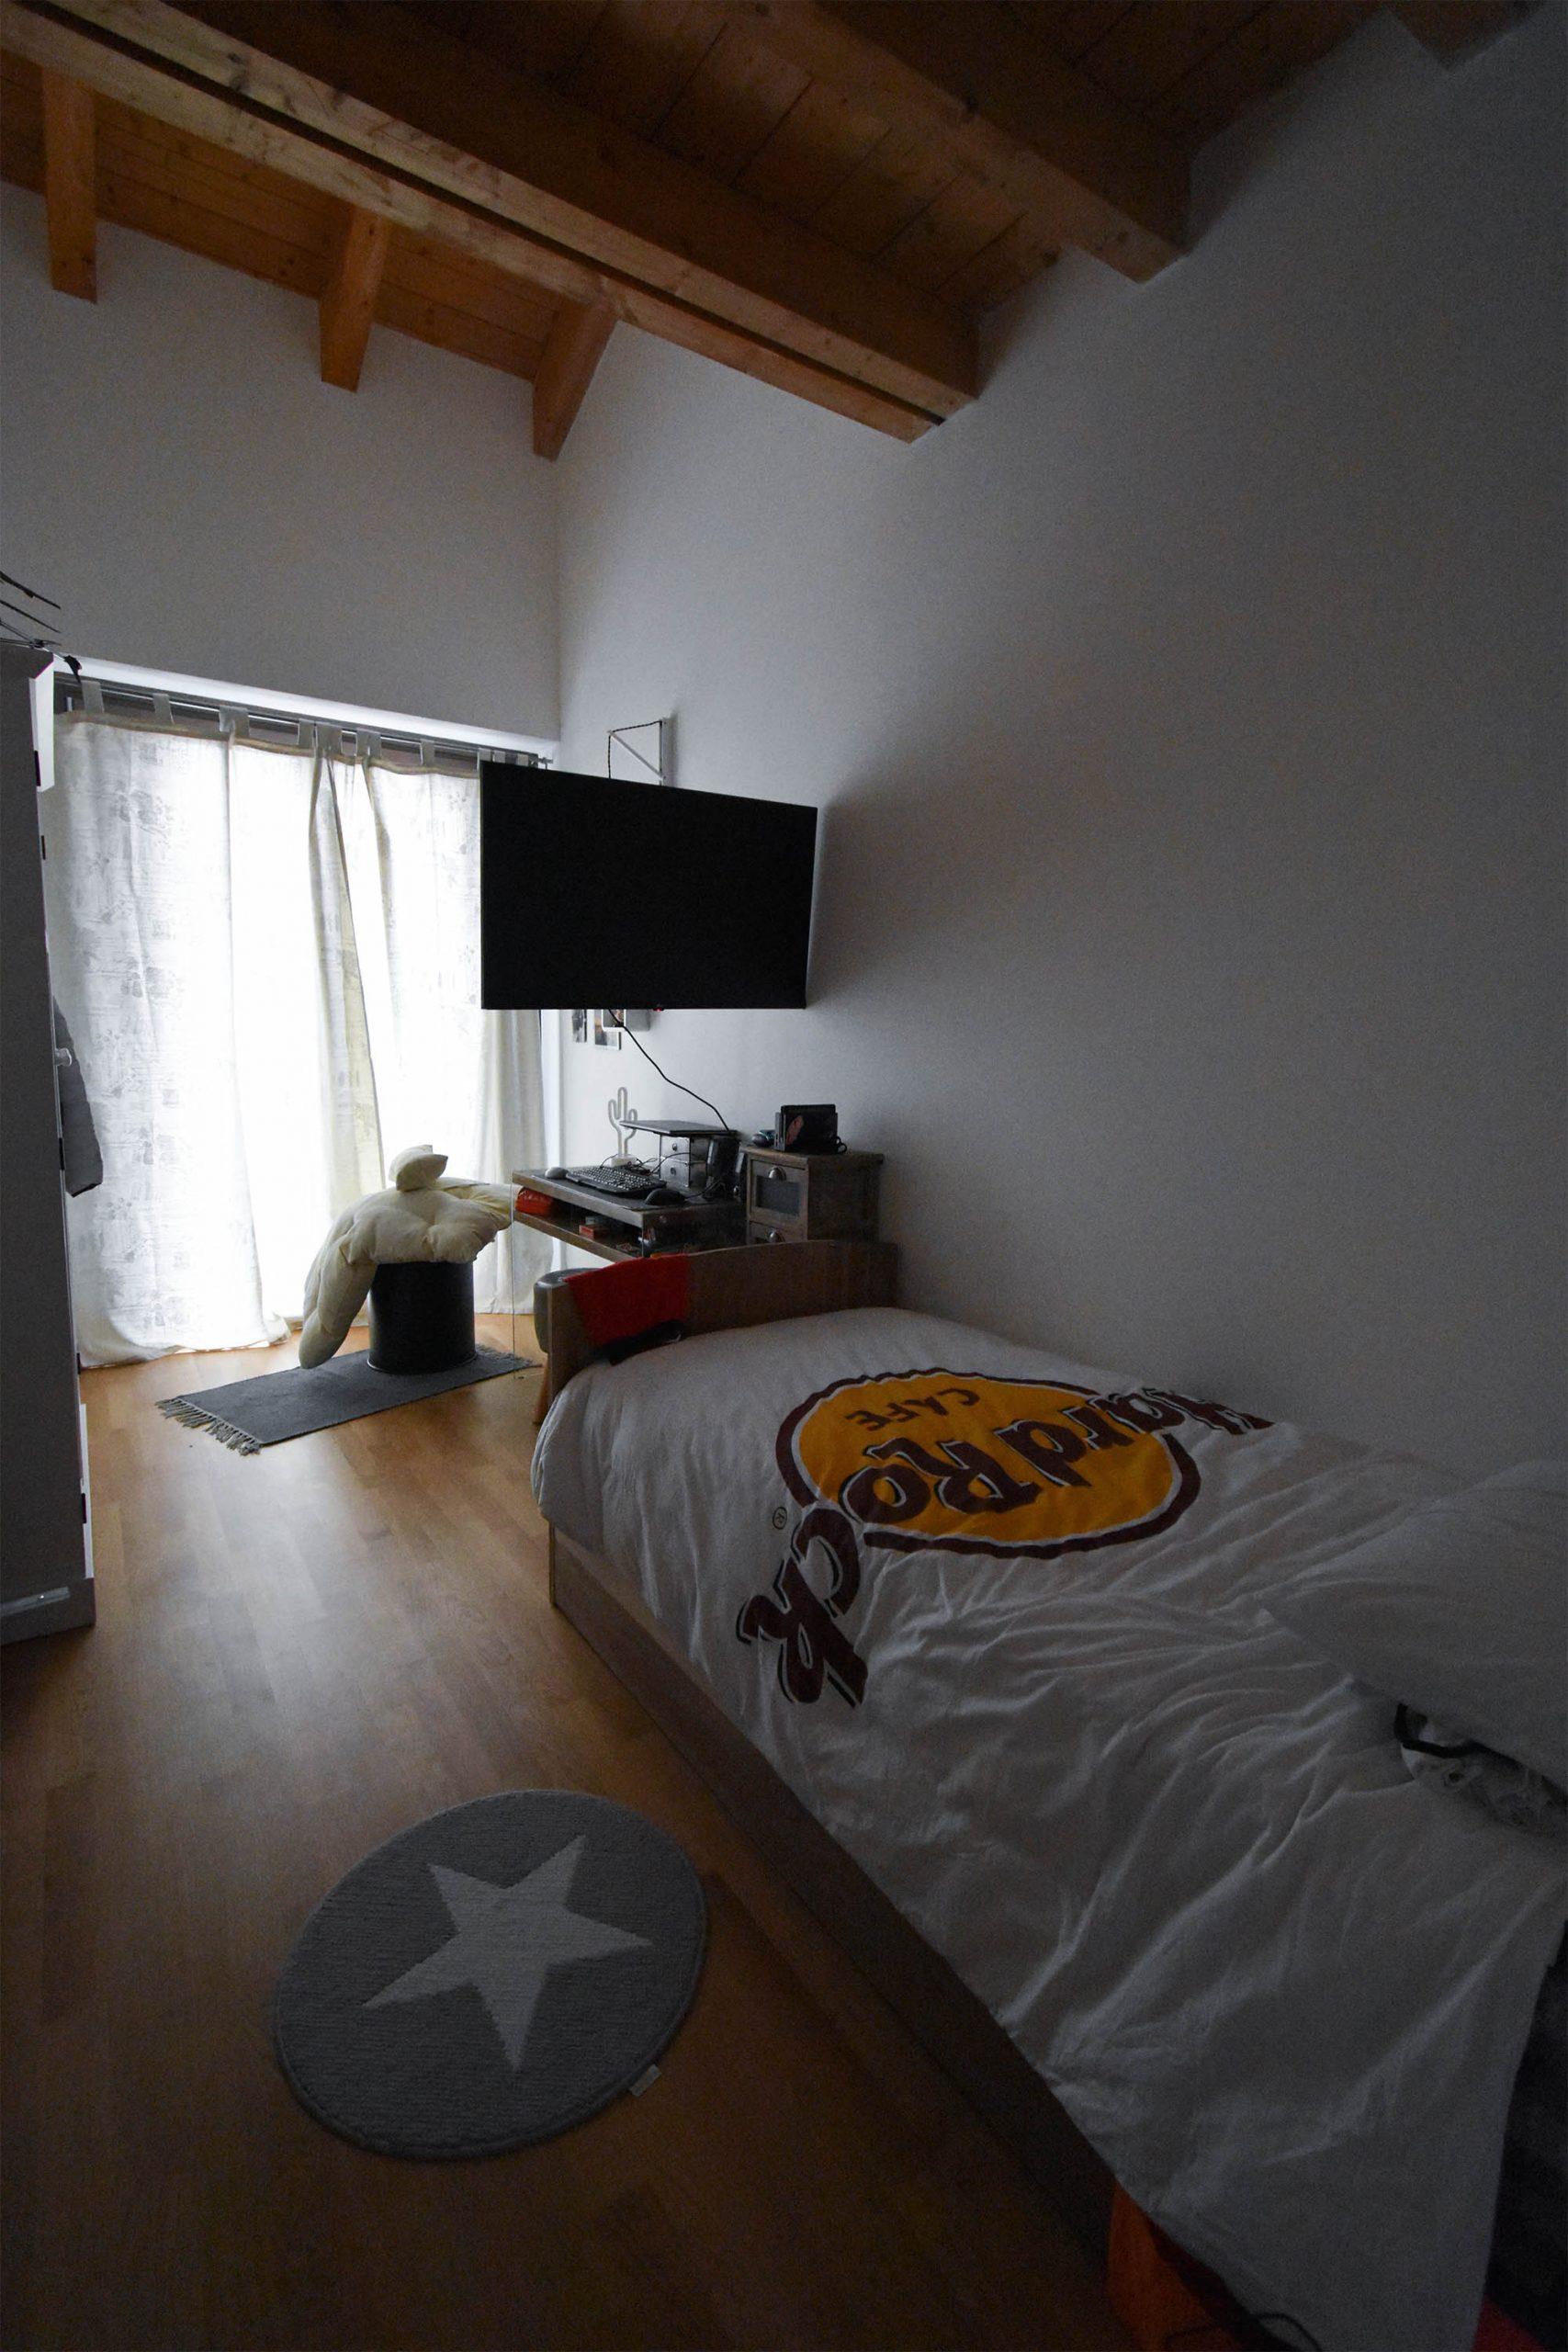 casa EM scandivano stile interior design (1)